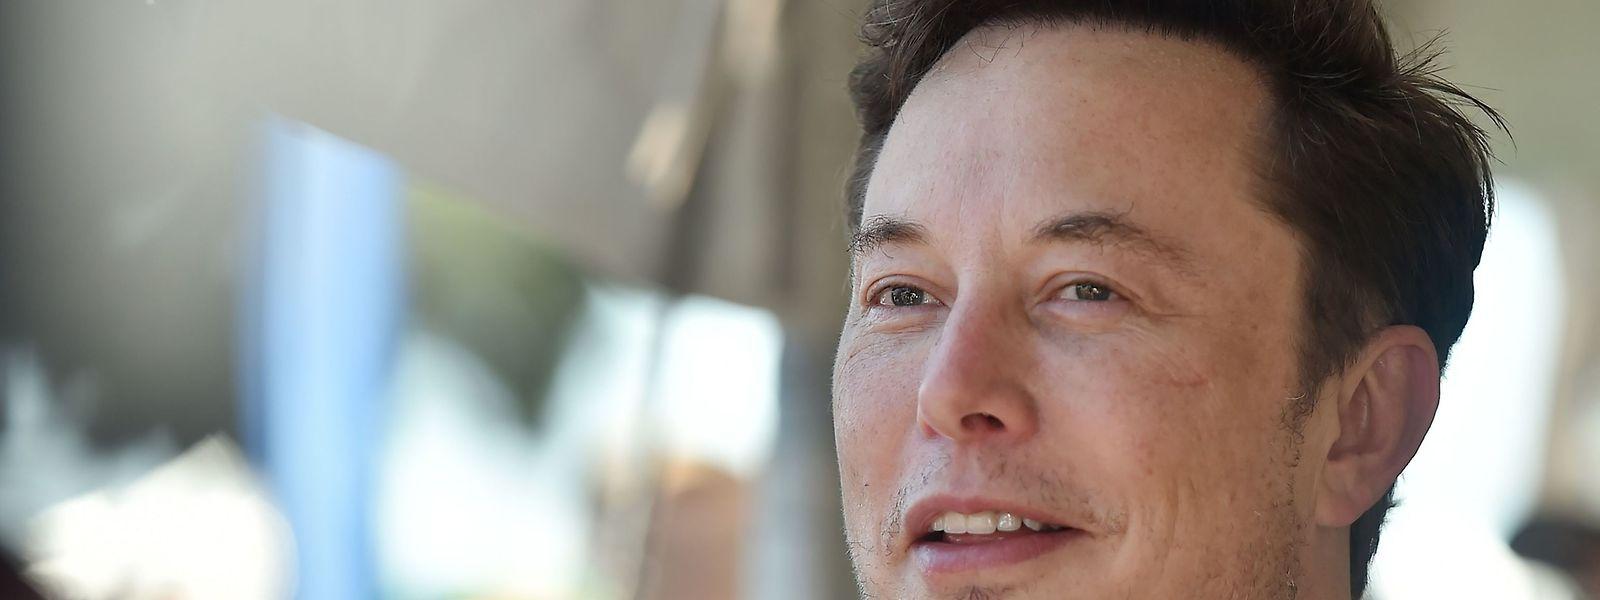 La firme, fondée par le fantasque milliardaire Elon Musk (photo) ravitaille notamment la Station spatiale internationale pour le compte de la Nasa.